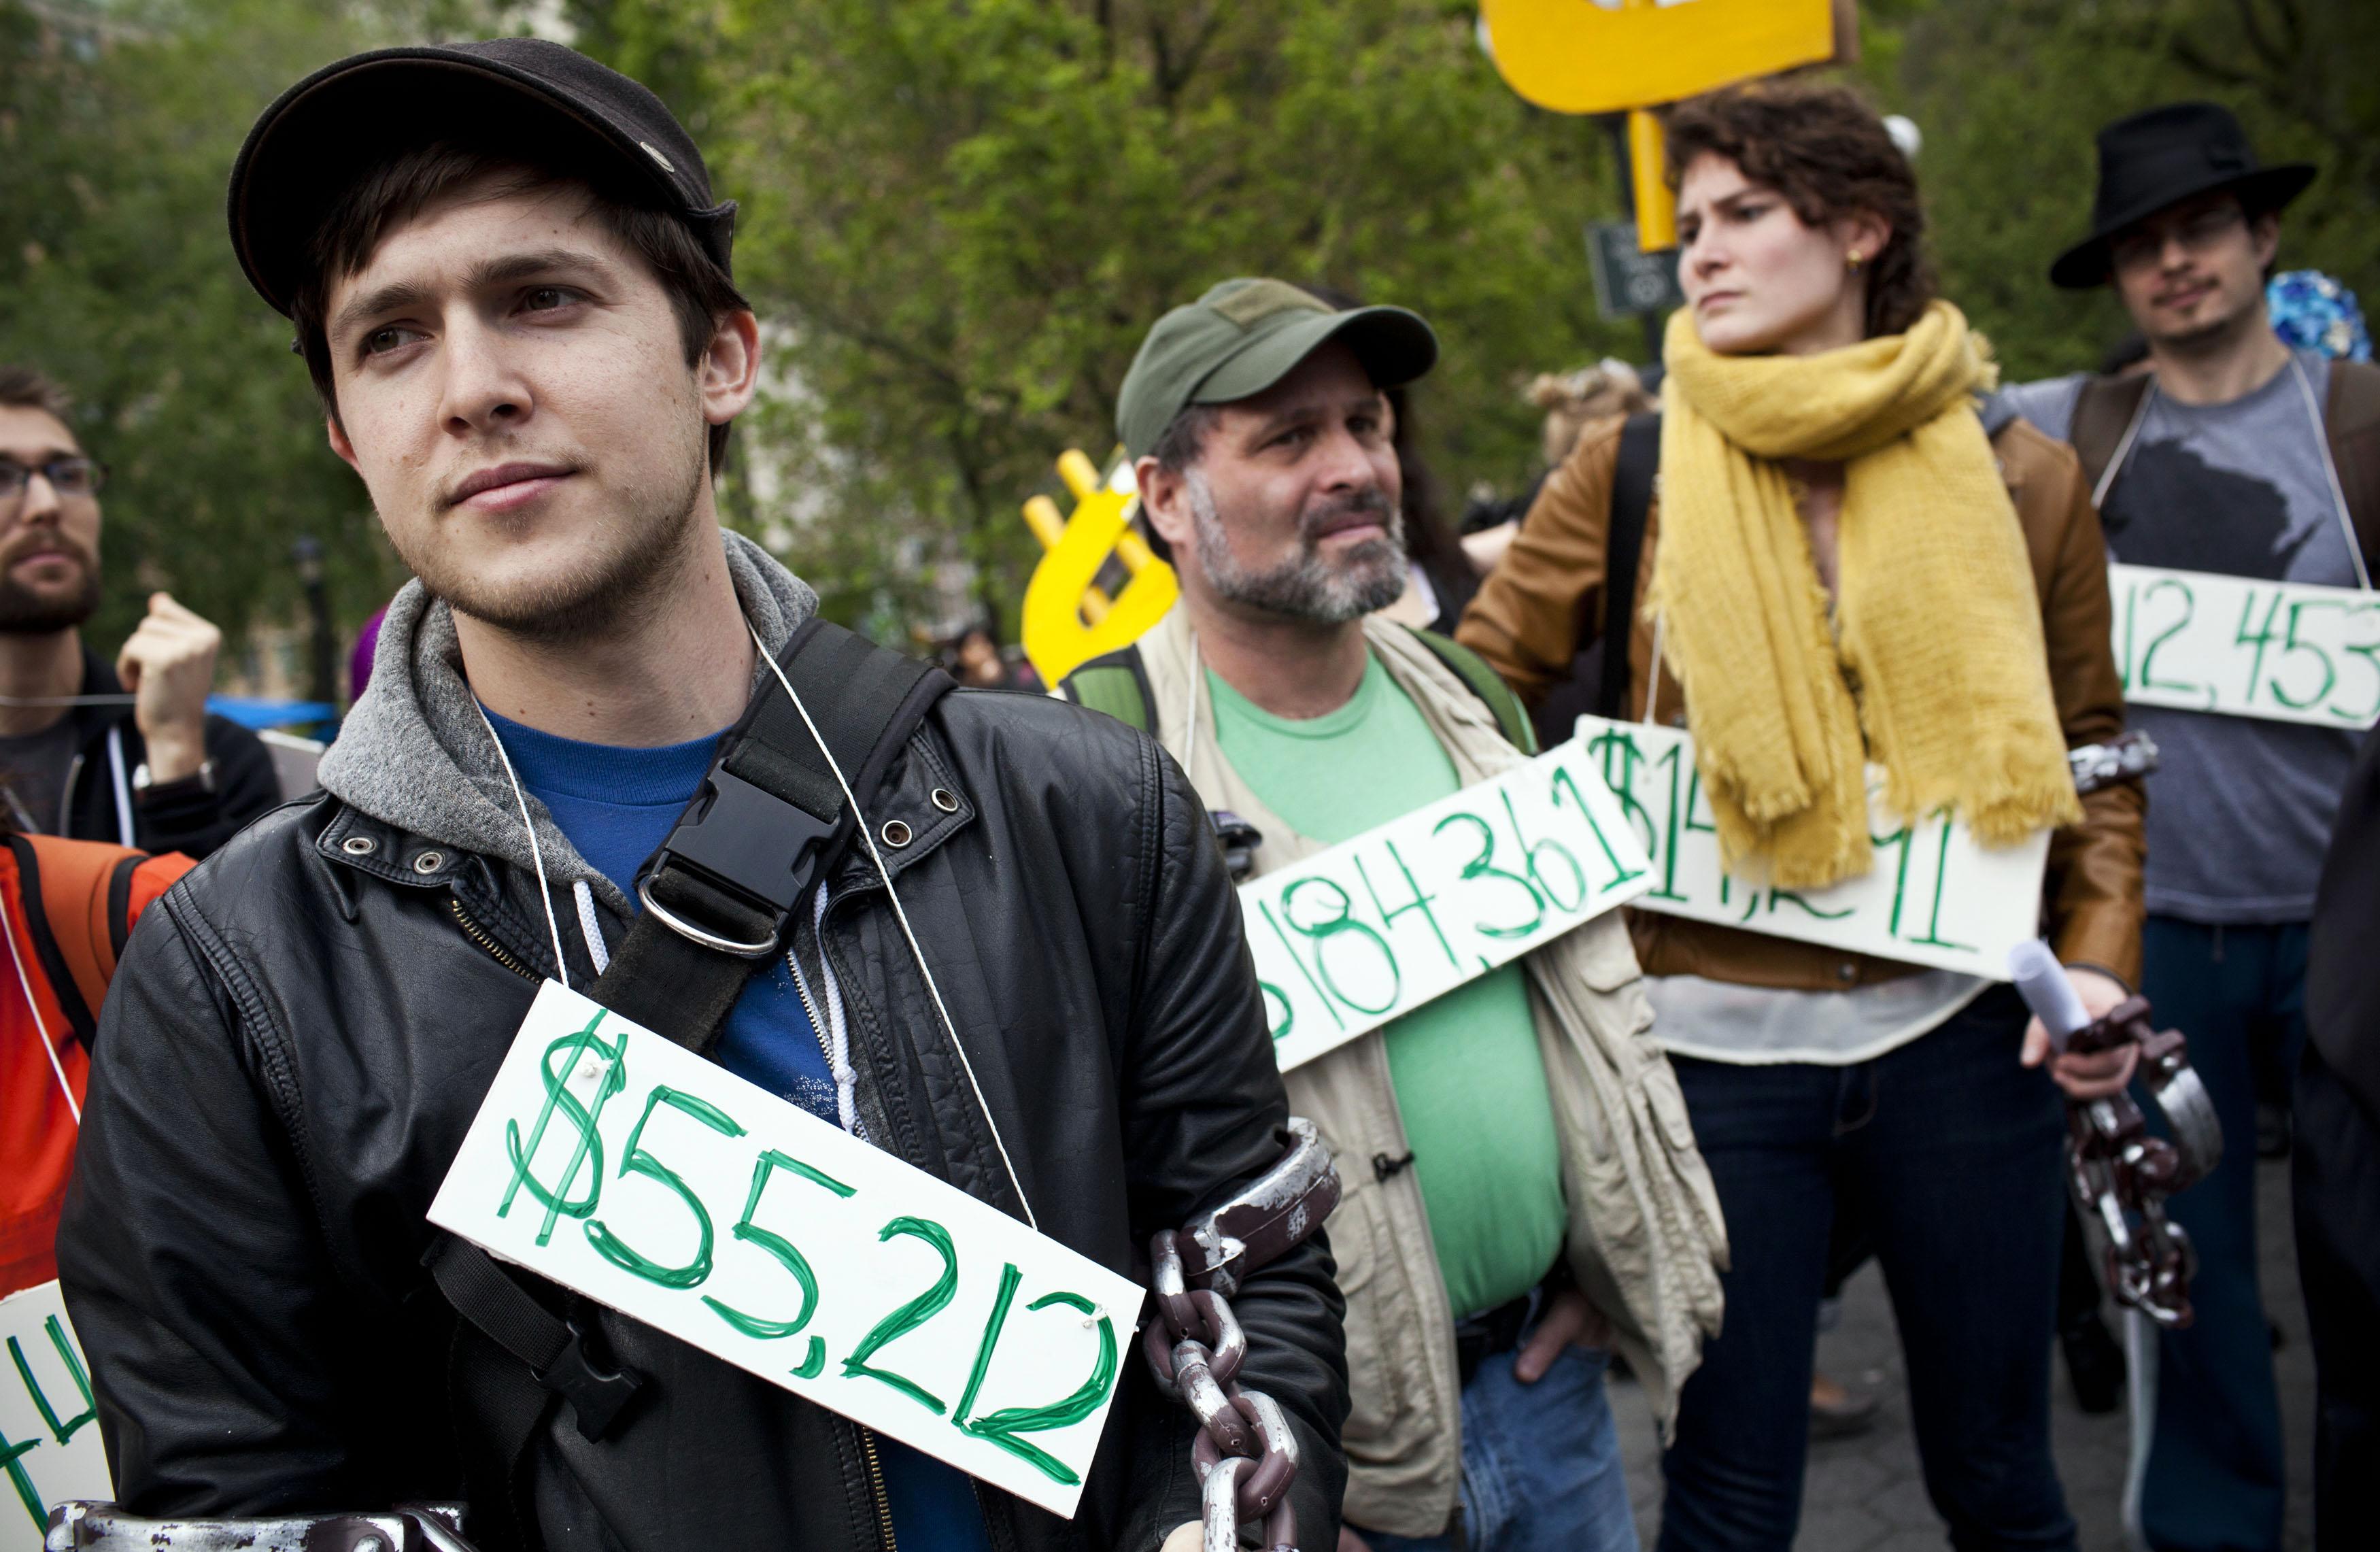 Tiền nợ học phí ảnh hưởng nhiều gia đình Hoa Kỳ